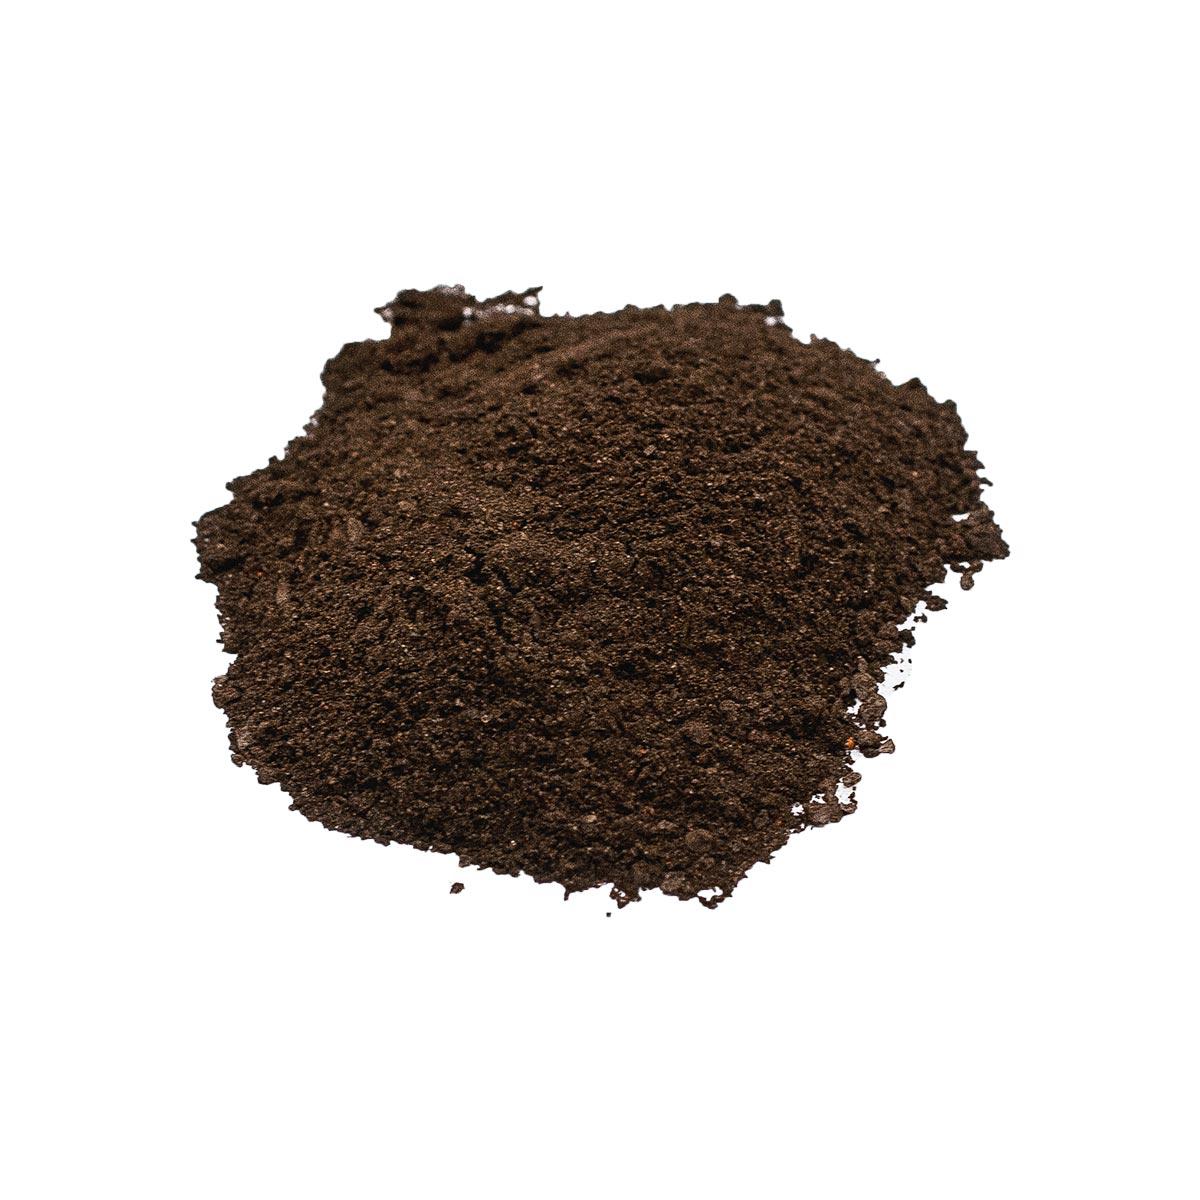 Краситель для ткани Прибой коричневый